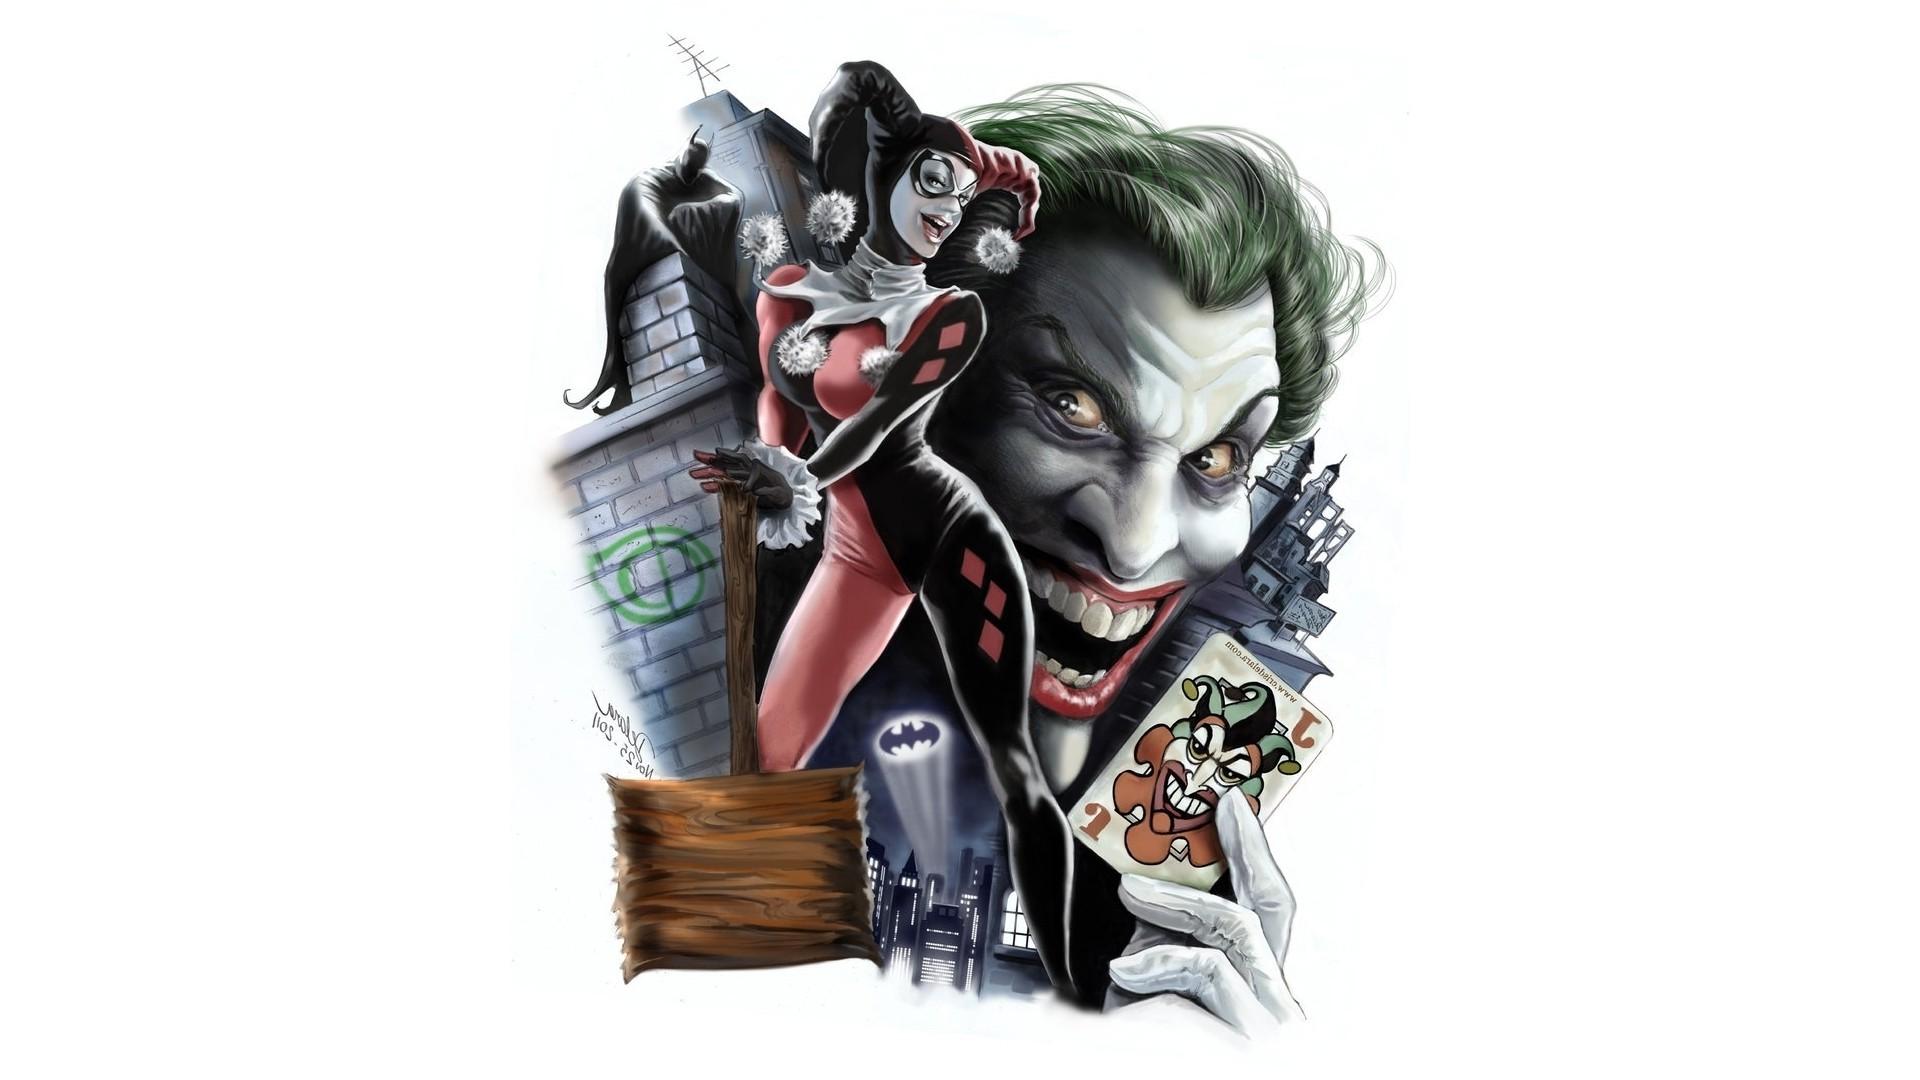 Wallpaper 1920x1080 Px Batman Dc Comics Digital Art Harley